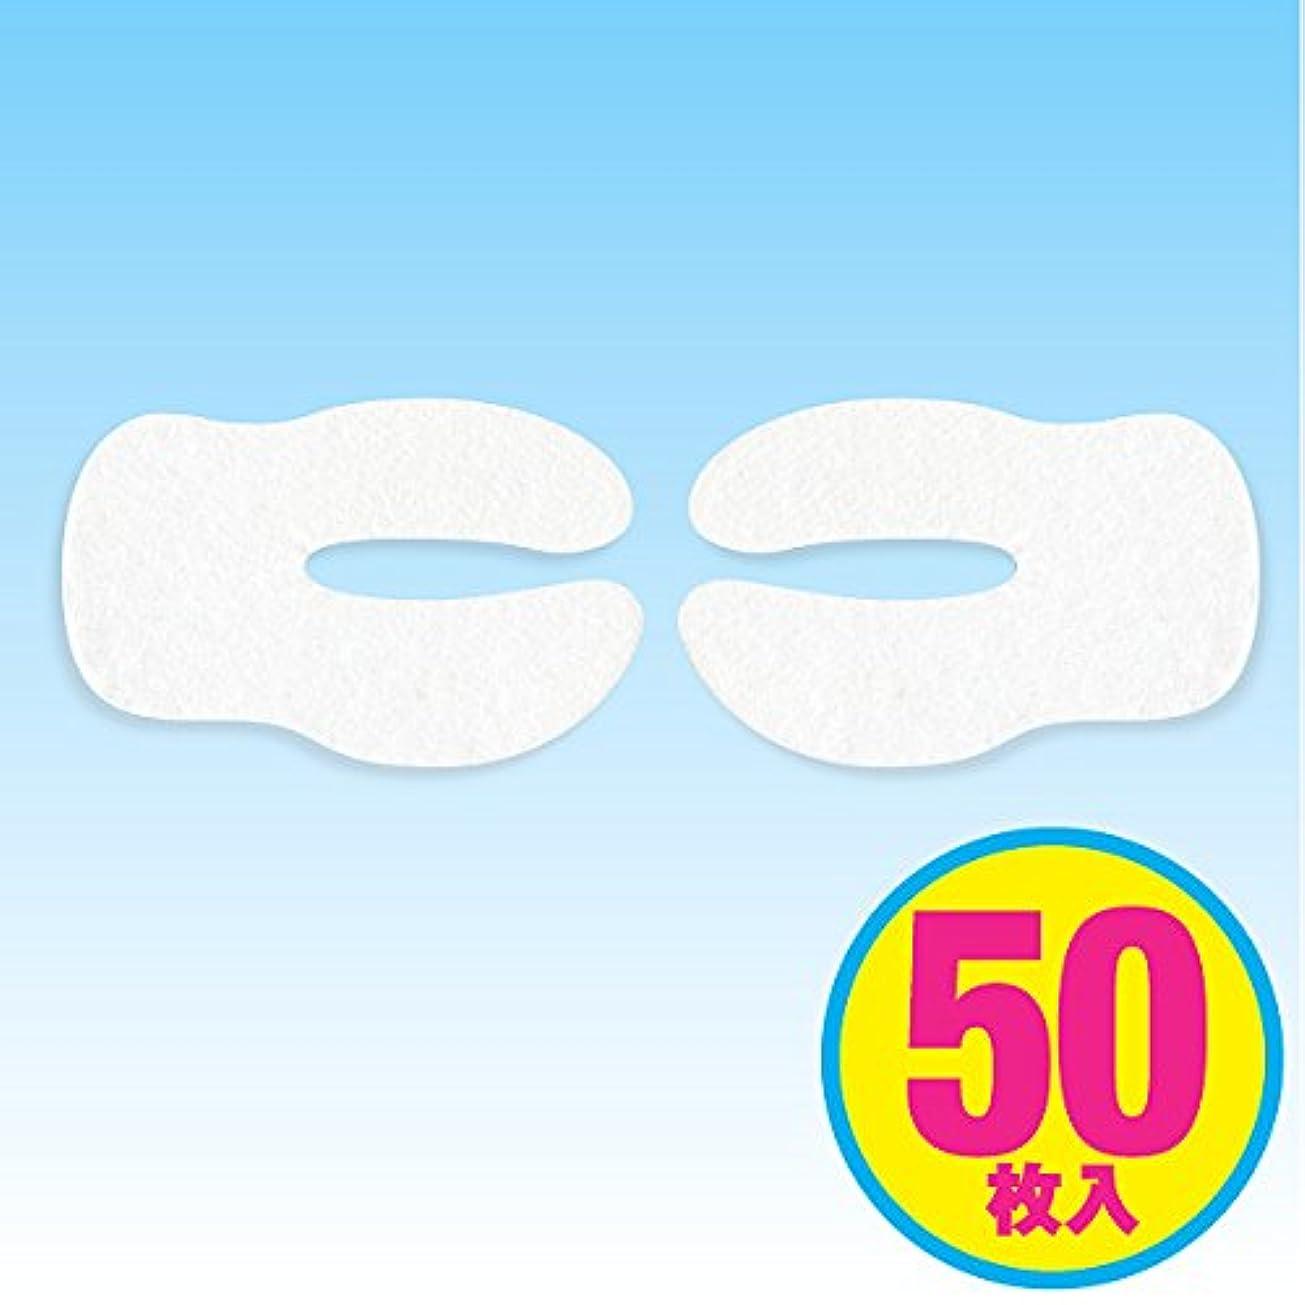 元気な臨検フレキシブル気になる目尻周辺をサポート【Cゾーンシート】業務用50枚入/お気に入りの化粧水?美容液でローションパックを